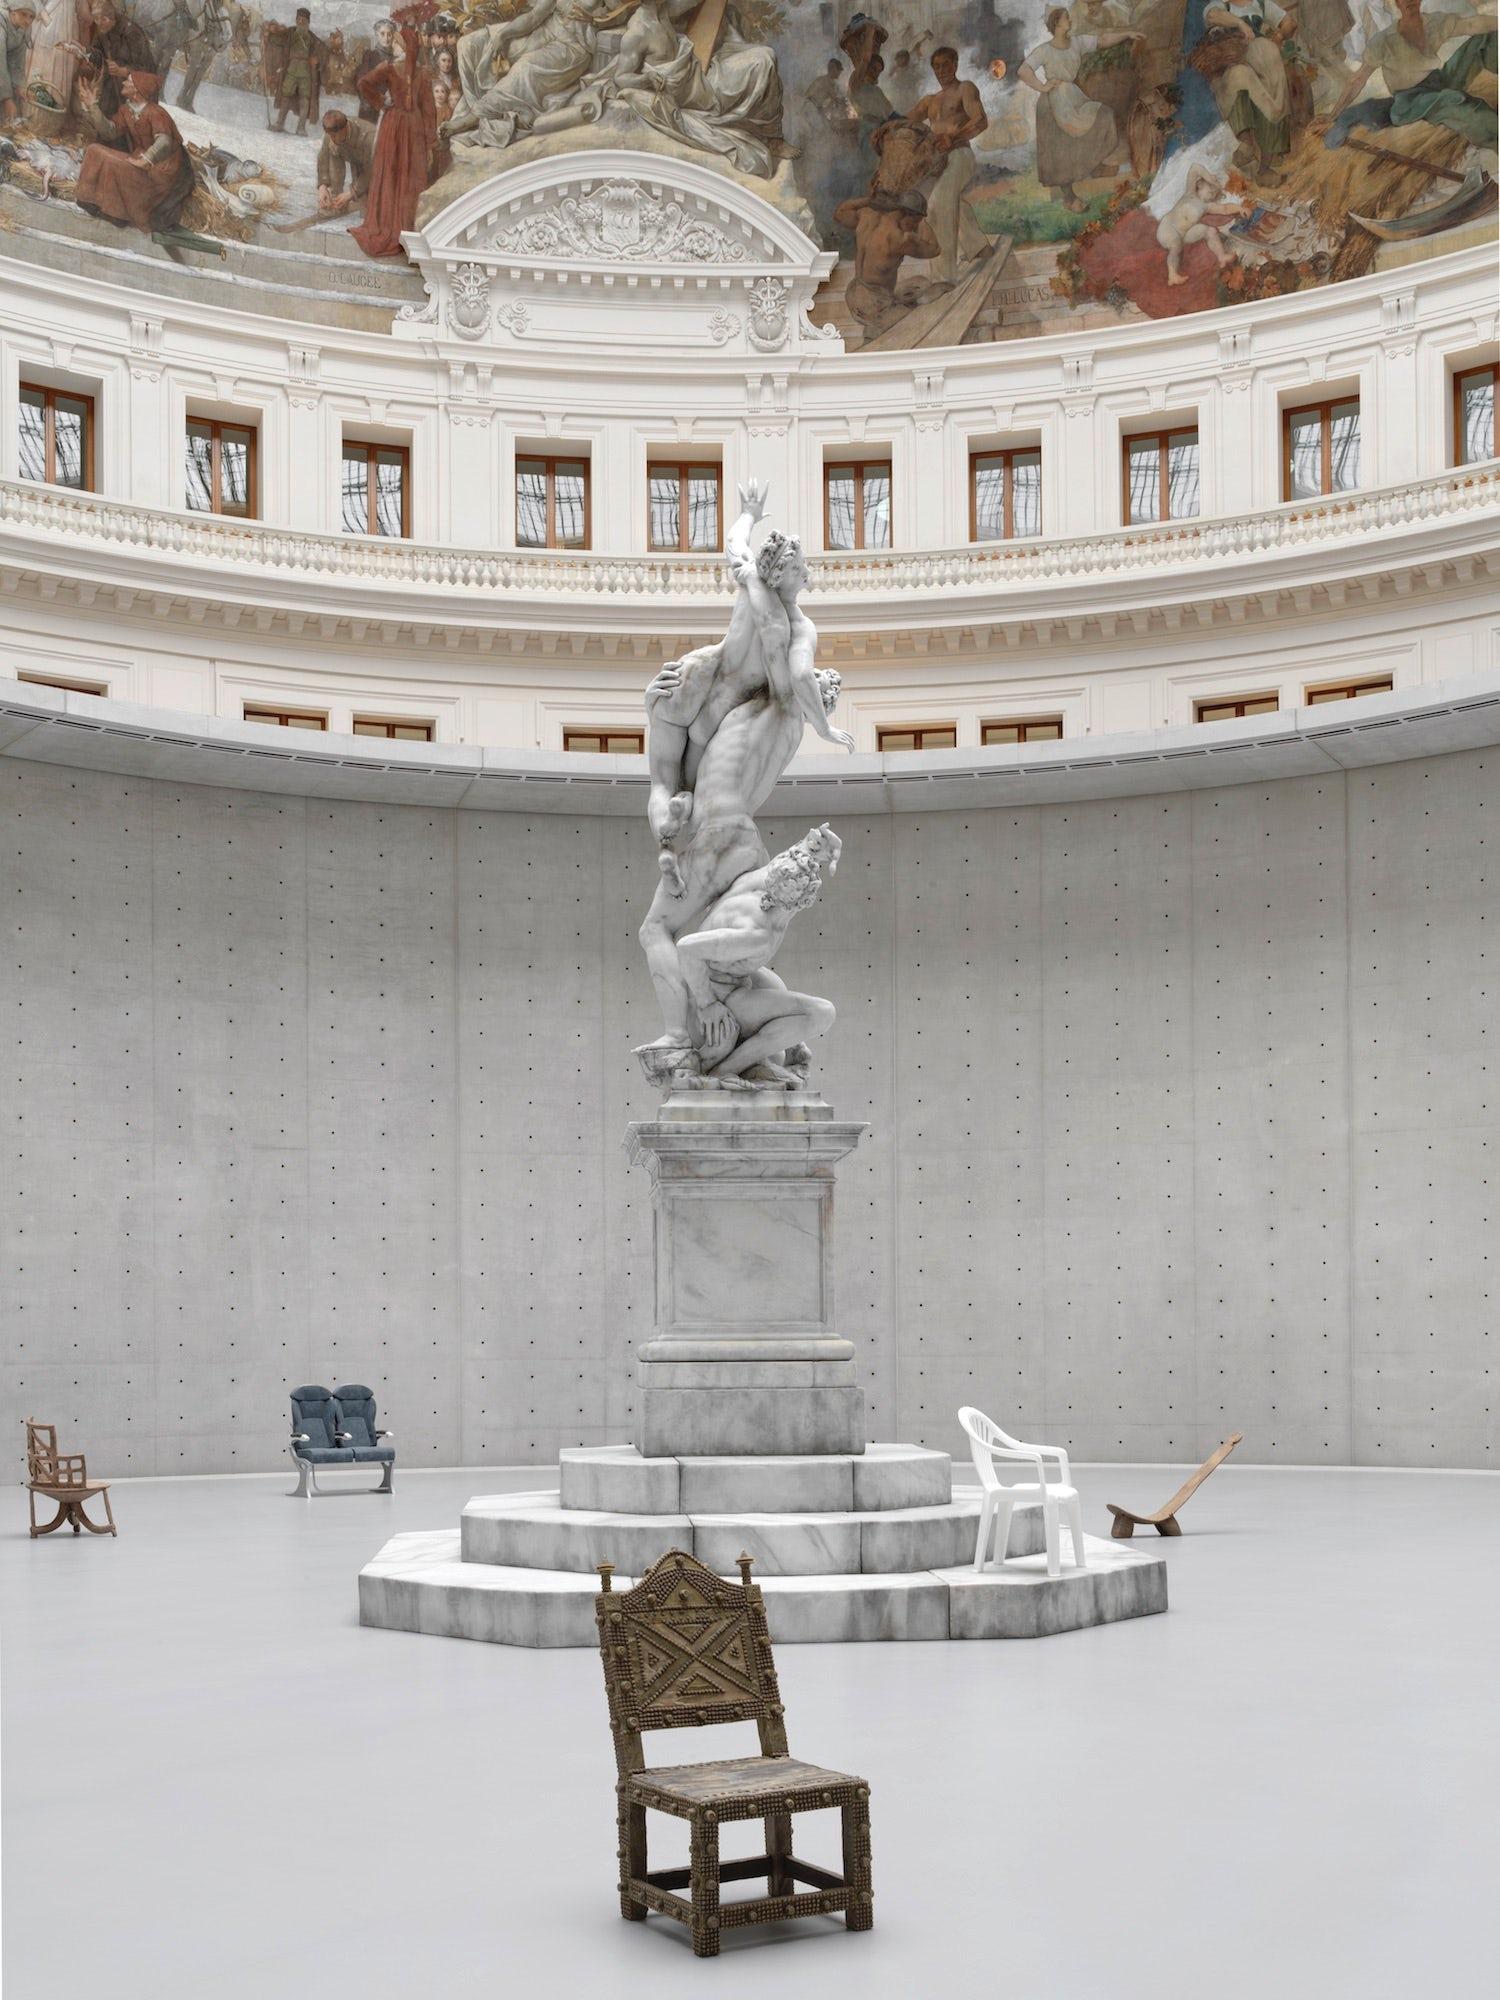 《无题》(2011)是艺术家乌尔斯·费舍尔的雕塑作品。由艺术家和商业-皮诺收藏公司提供。